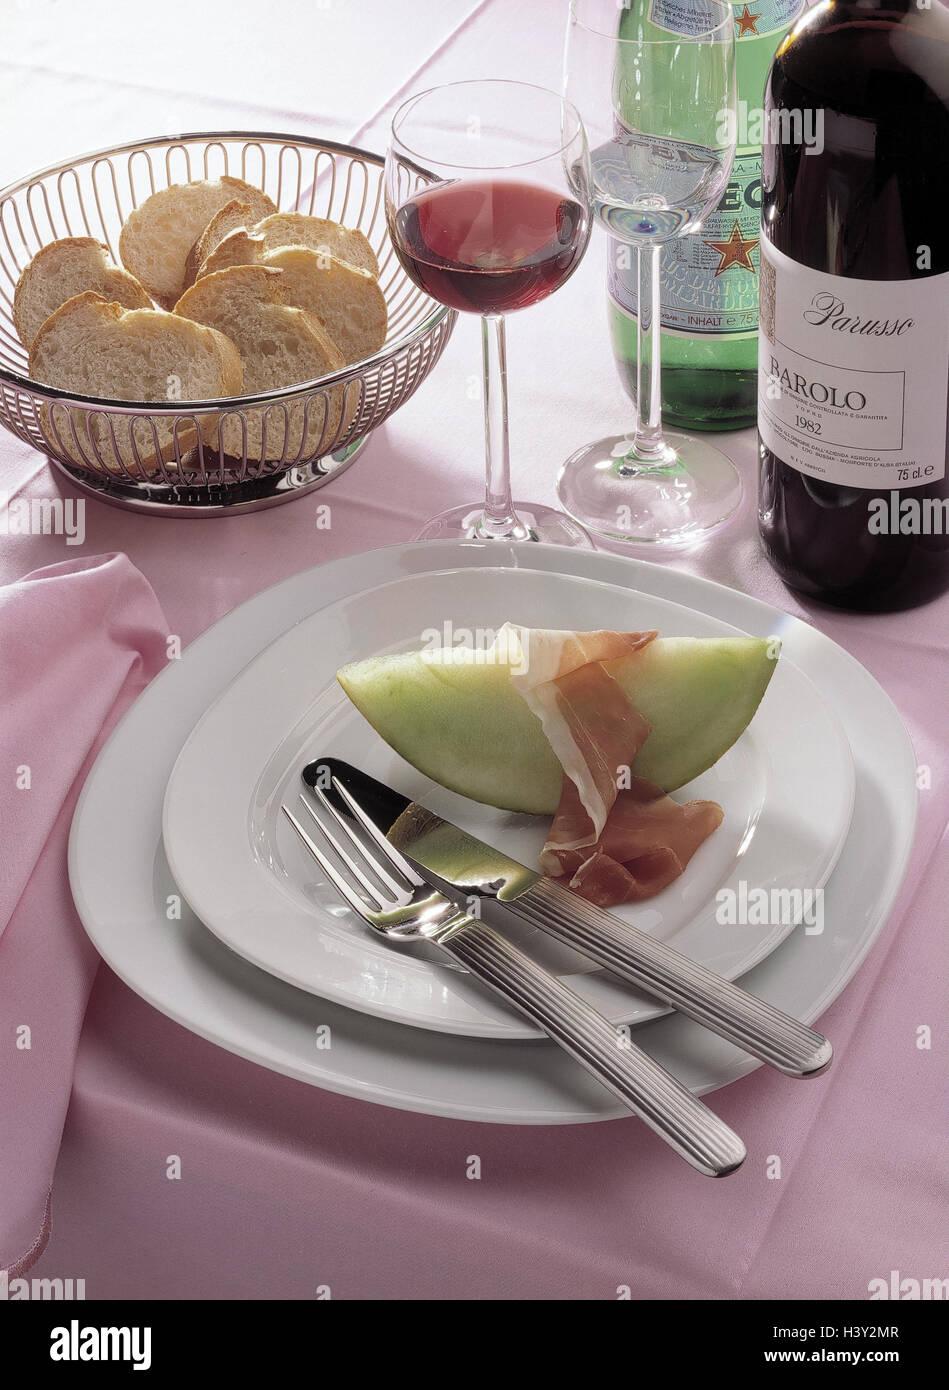 Restaurant, Tabelle, Detail, Brotkorb, Platte, Melone, Schinken ...